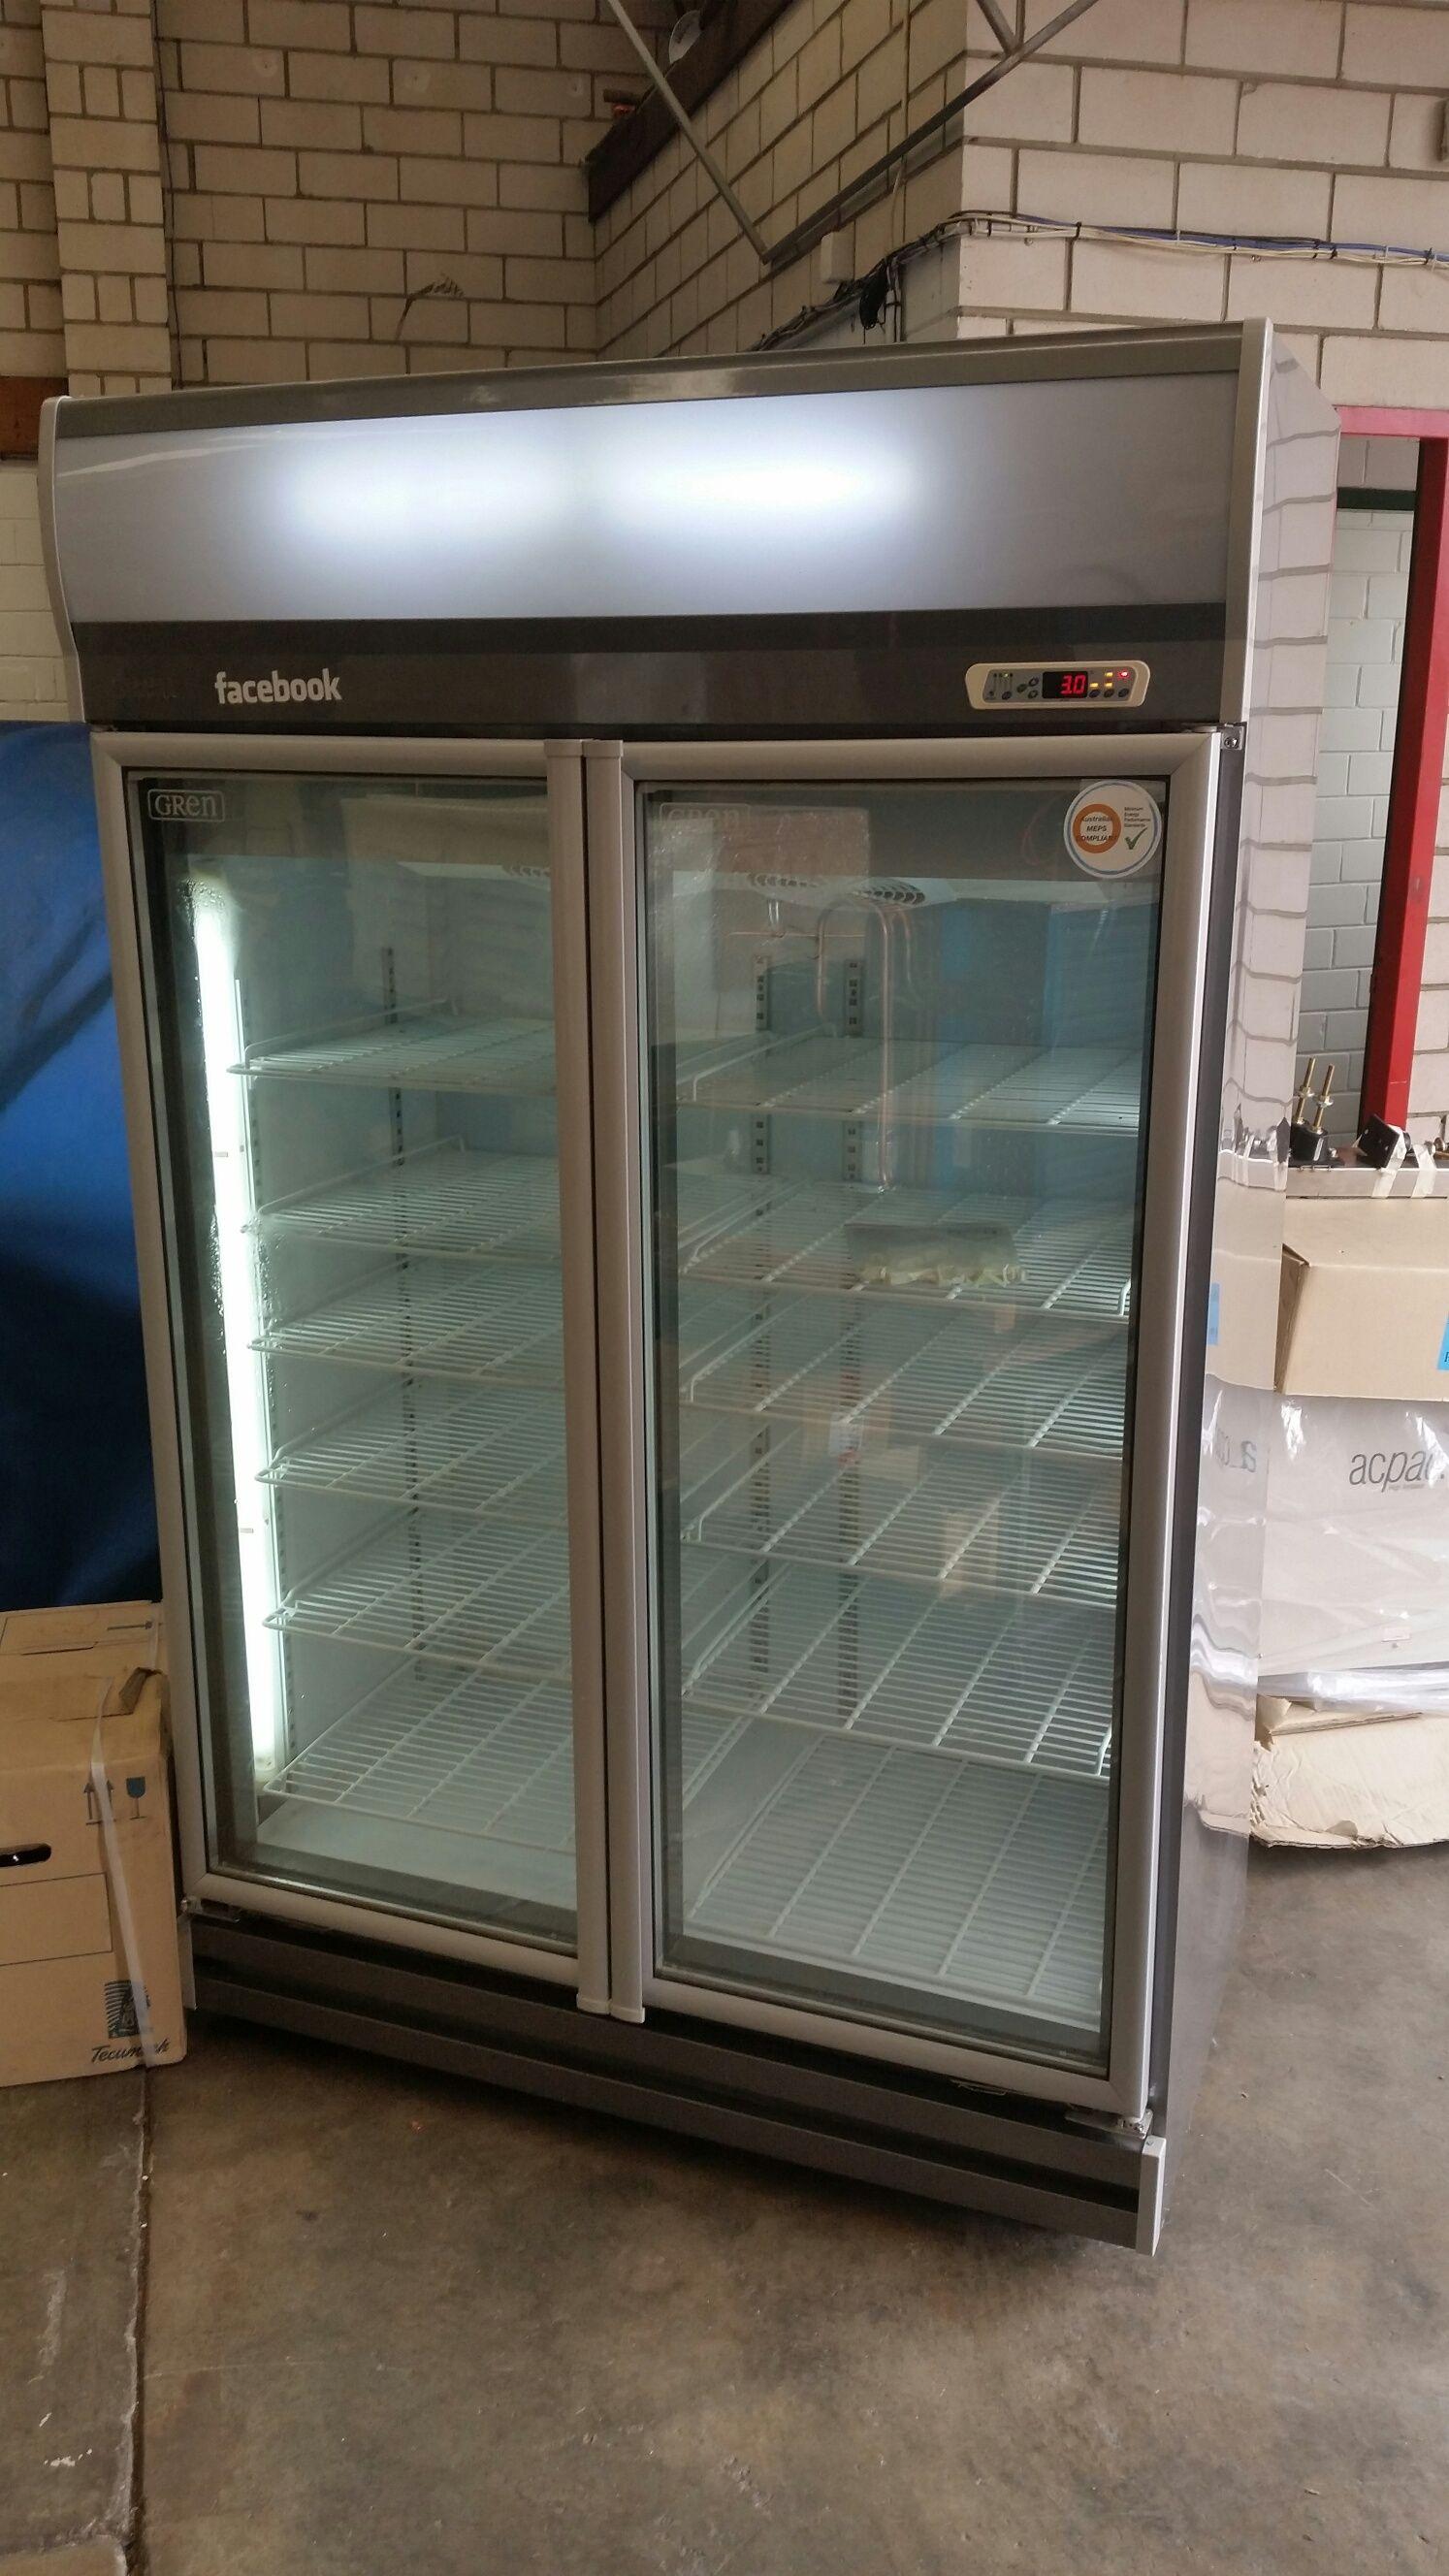 Gren ccf21 upright glass door display fridge second hand channon glass gren ccf21 upright glass door display fridge second hand planetlyrics Gallery